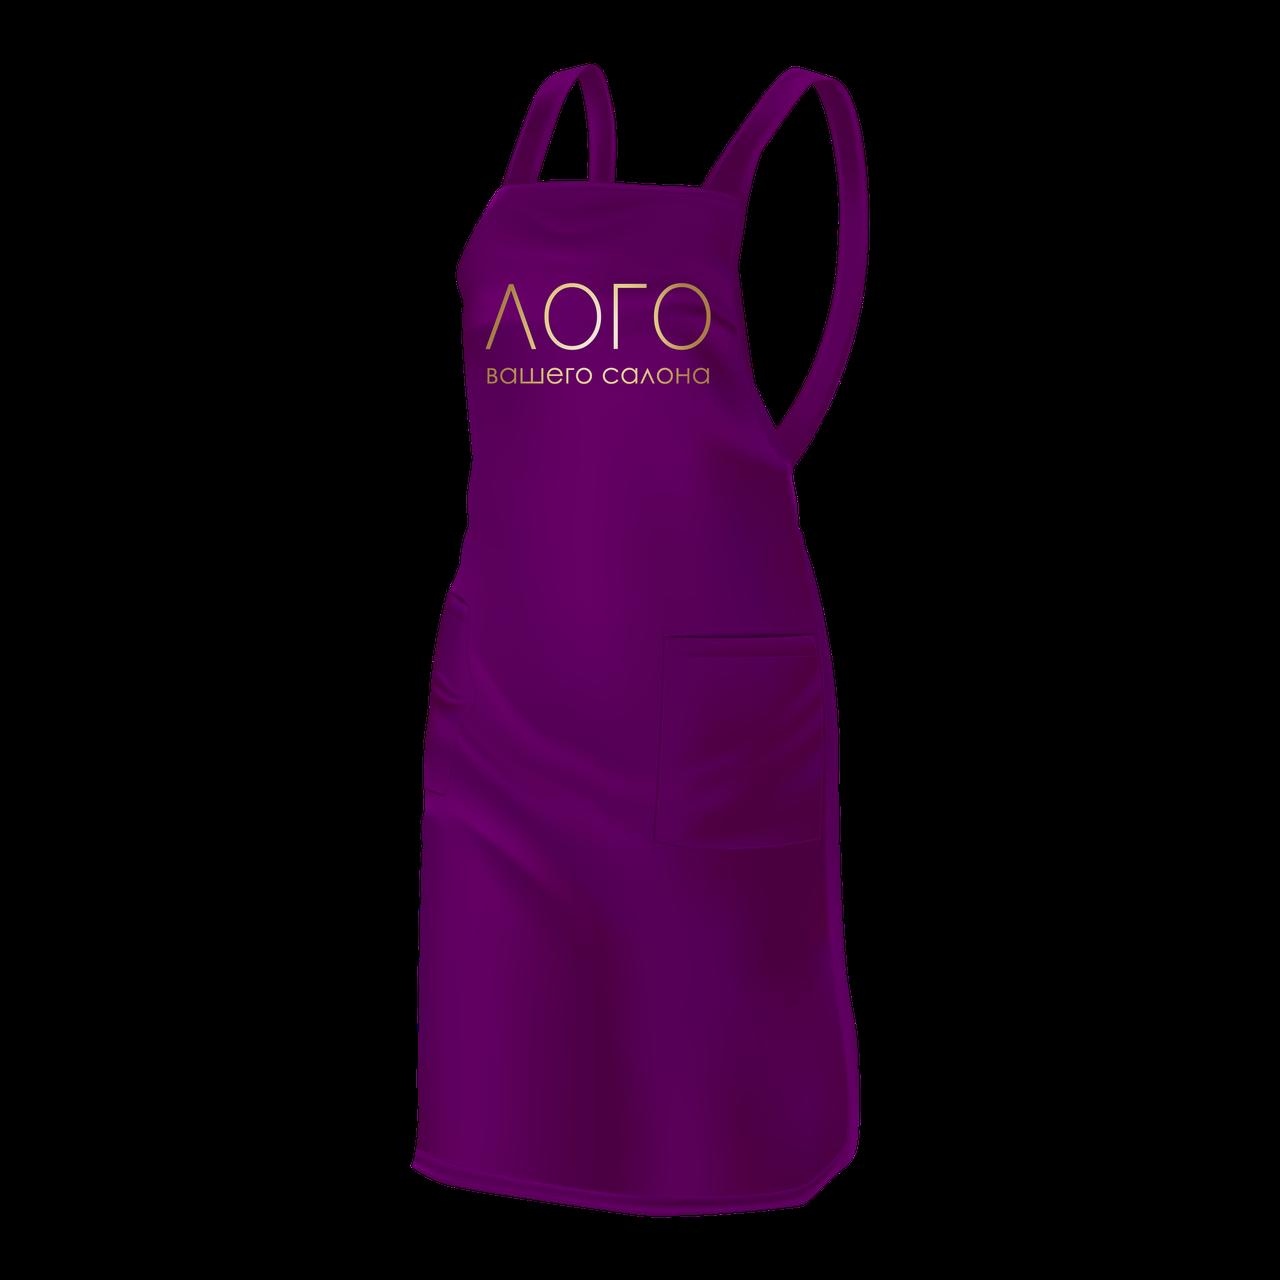 Однотонний фартух майстра, фіолетового кольору, з логотипом Вашого салону